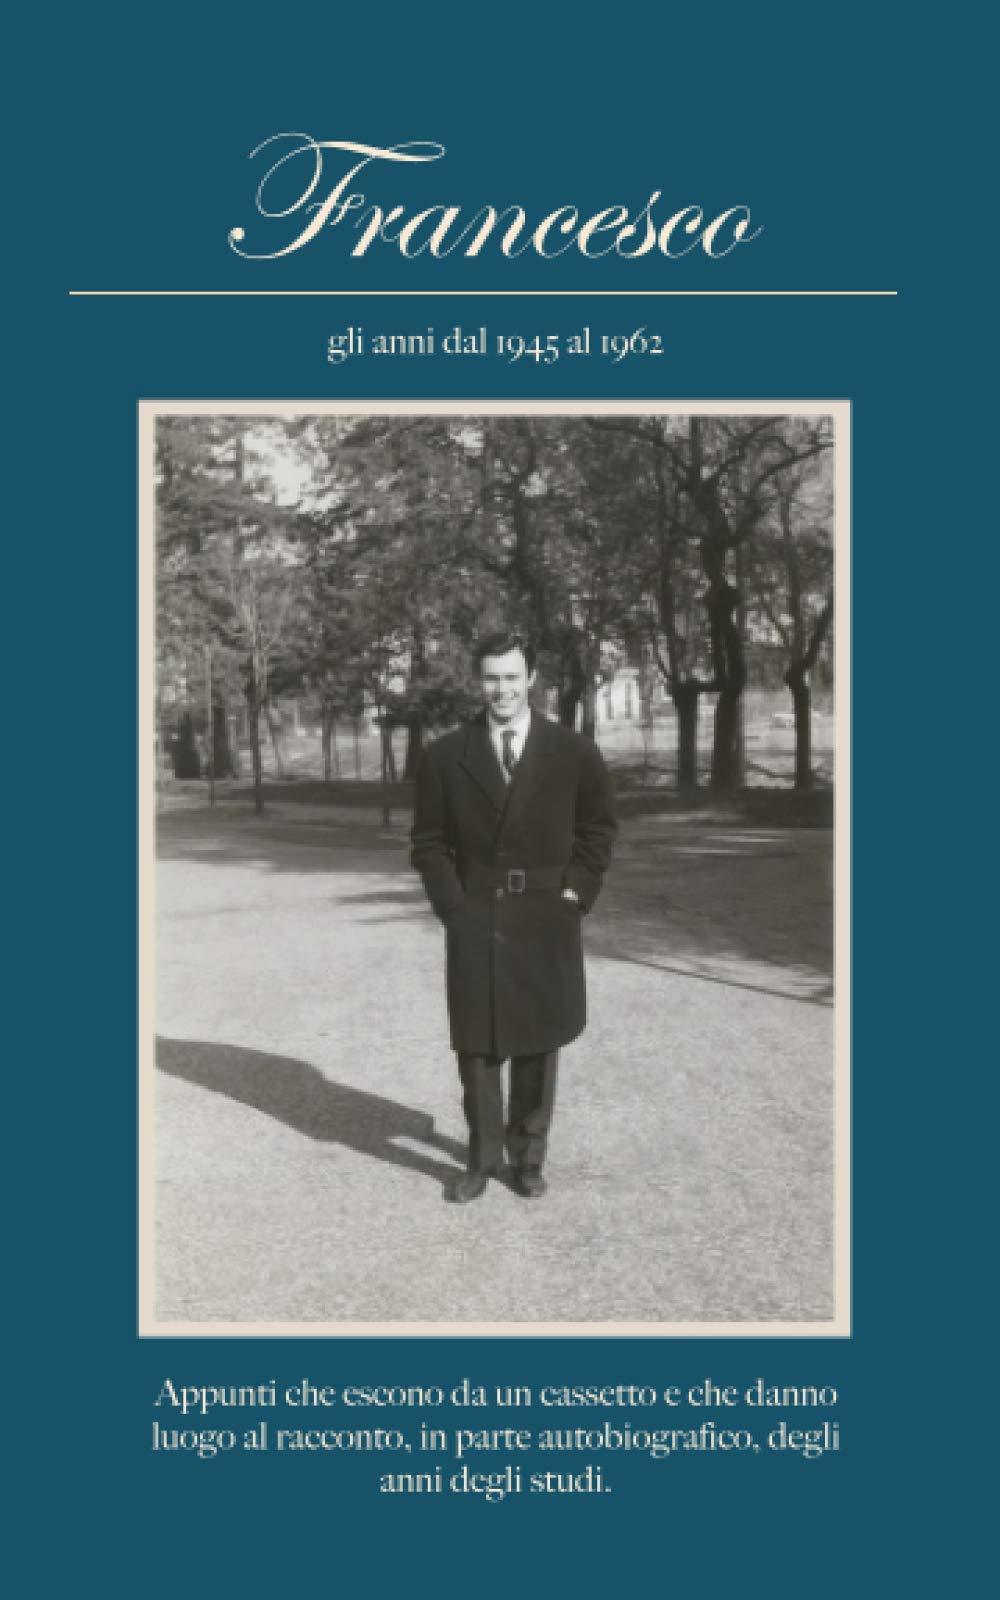 Francesco - Gli anni dal 1945 al 1962